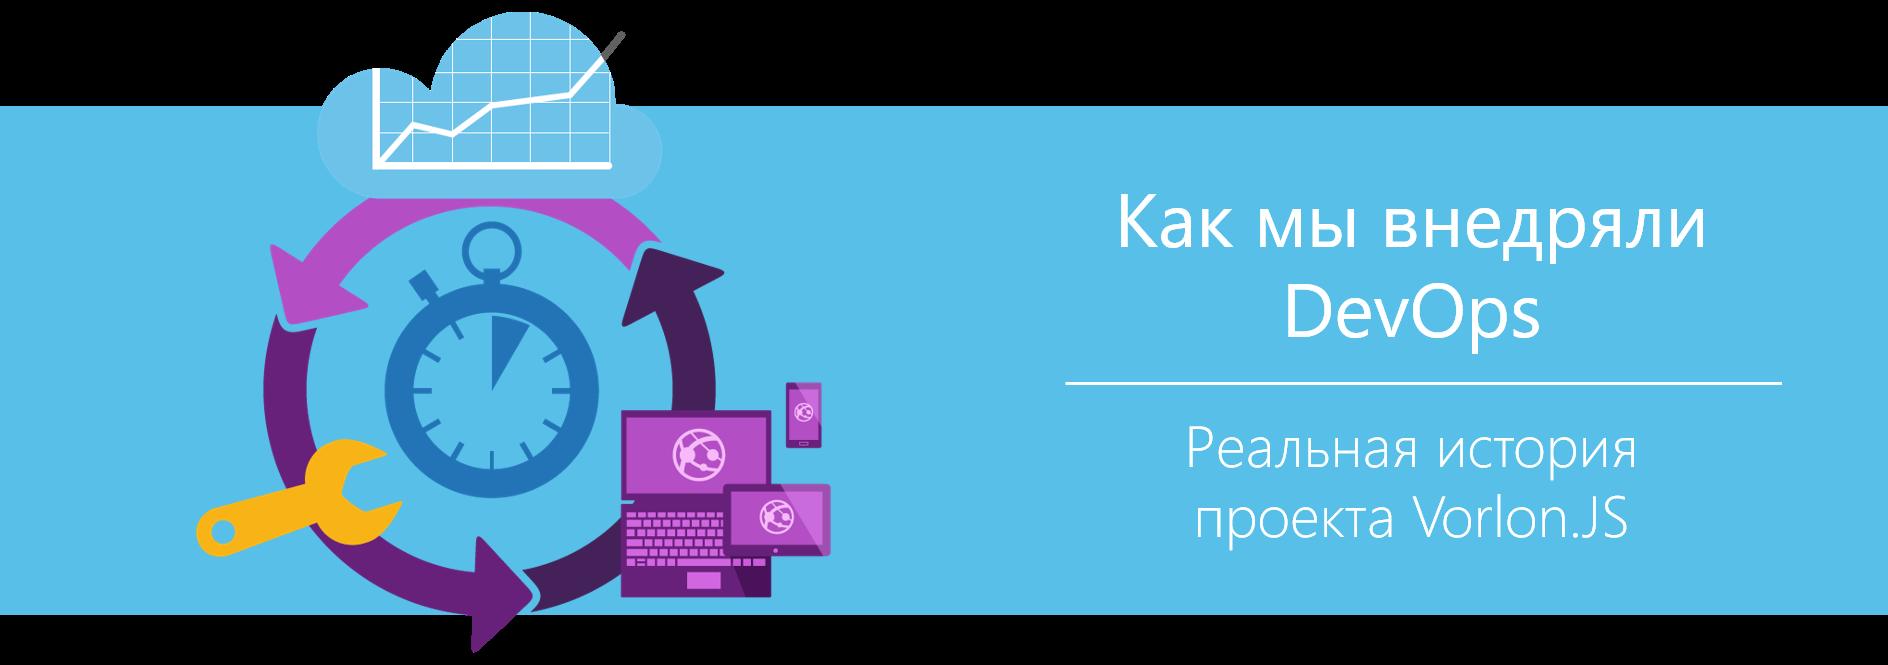 Как мы внедряли DevOps: управление релизами в Visual Studio Team Services - 1